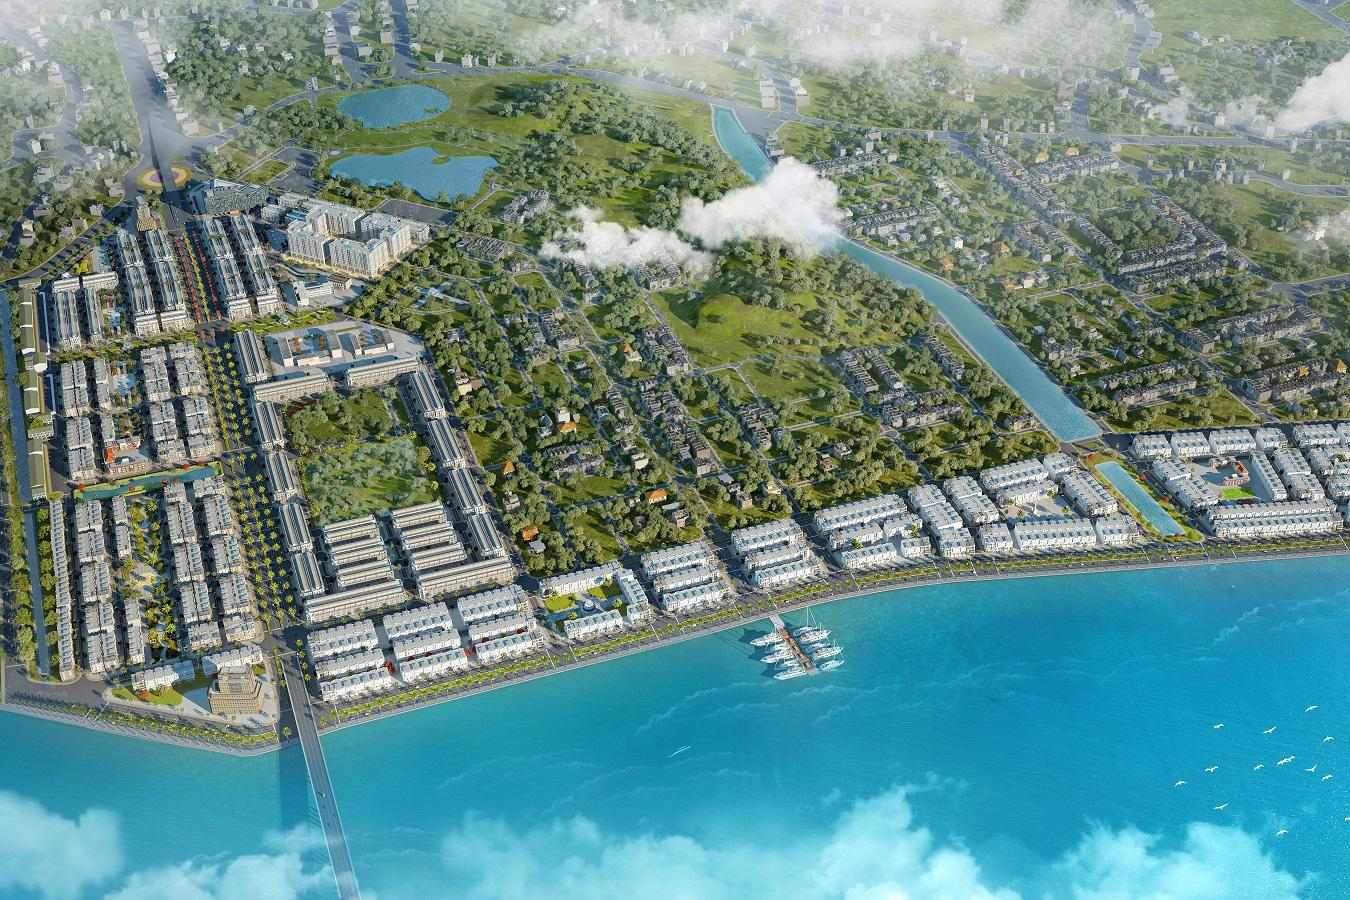 Điều chỉnh giảm vốn đầu tư tại khu đô thị của FLC tại Quảng Ninh